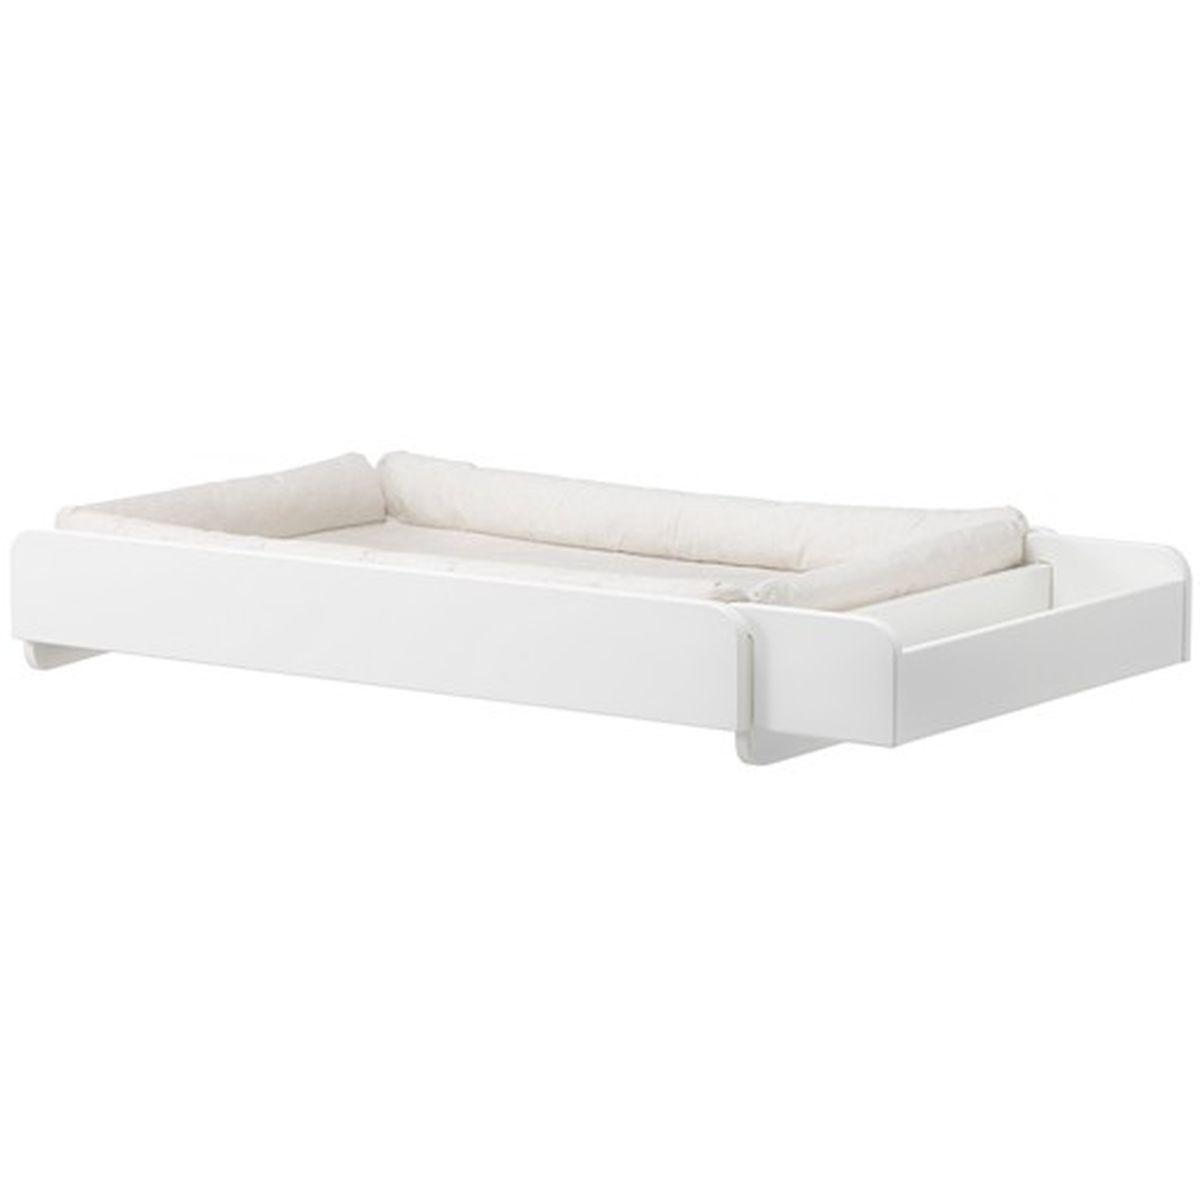 Cambiador-colchón HOME Stokke blanco